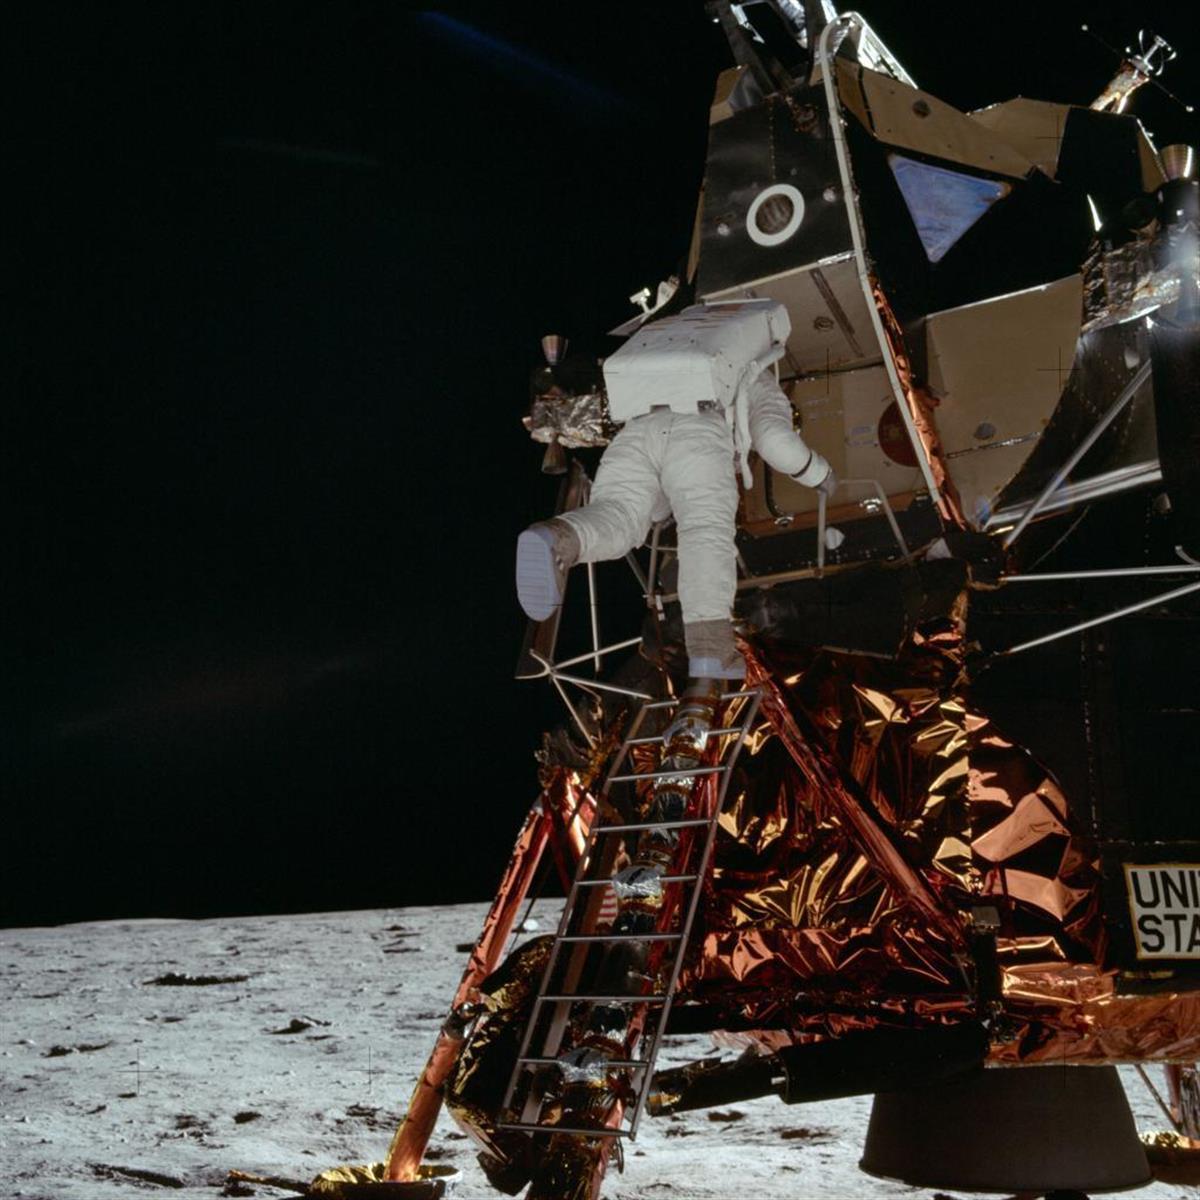 アポロ計画に参加した宇宙飛行士も多くのリスクをともなったようだ(NASA提供)